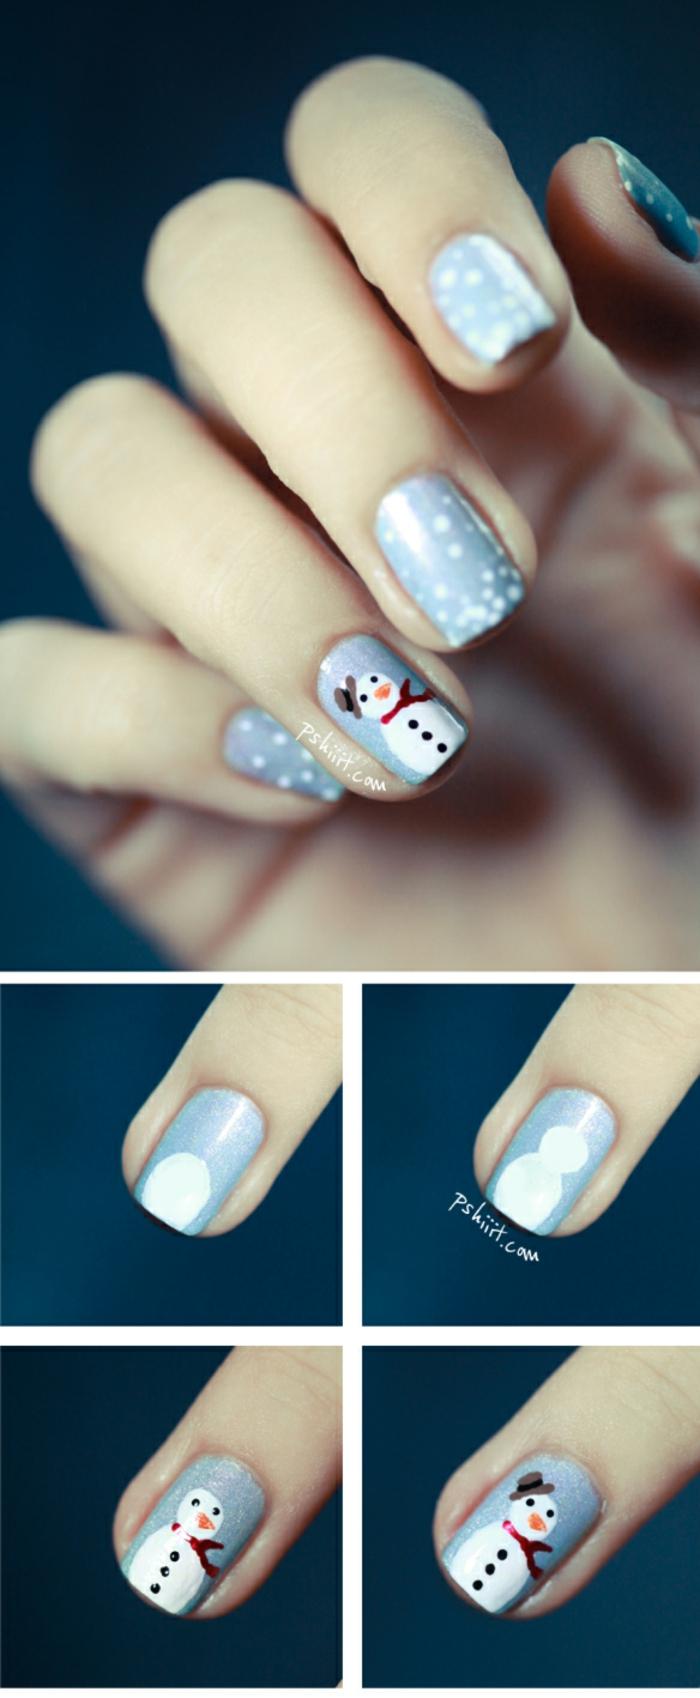 Winternägel mit Schneemann und kleinen Schneeflocken in vier Schritten, hellblauer Grund, ovale Nagelform